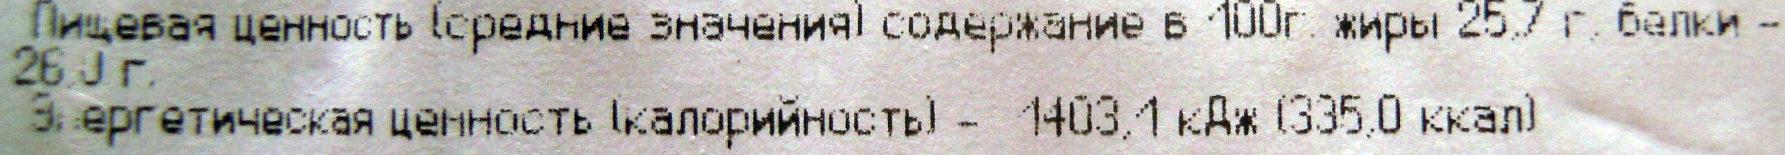 """Сыр фасованный """"Пошехонский"""" - Informations nutritionnelles - ru"""